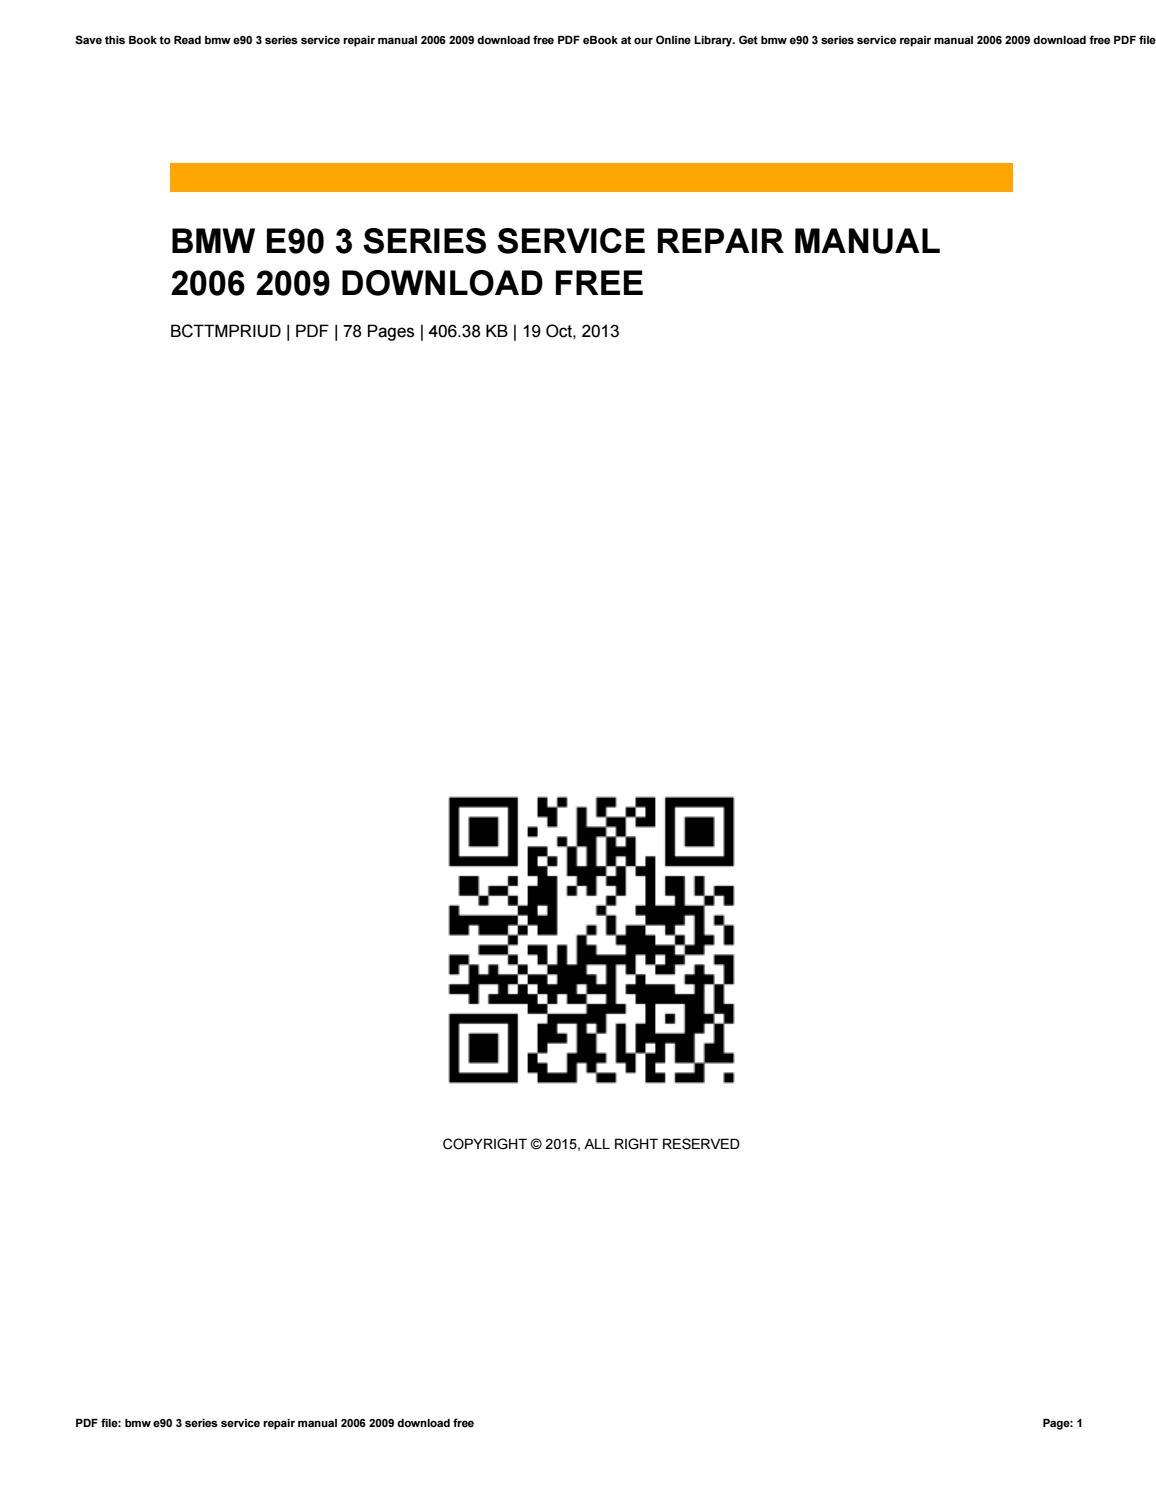 bmw e90 shop manual